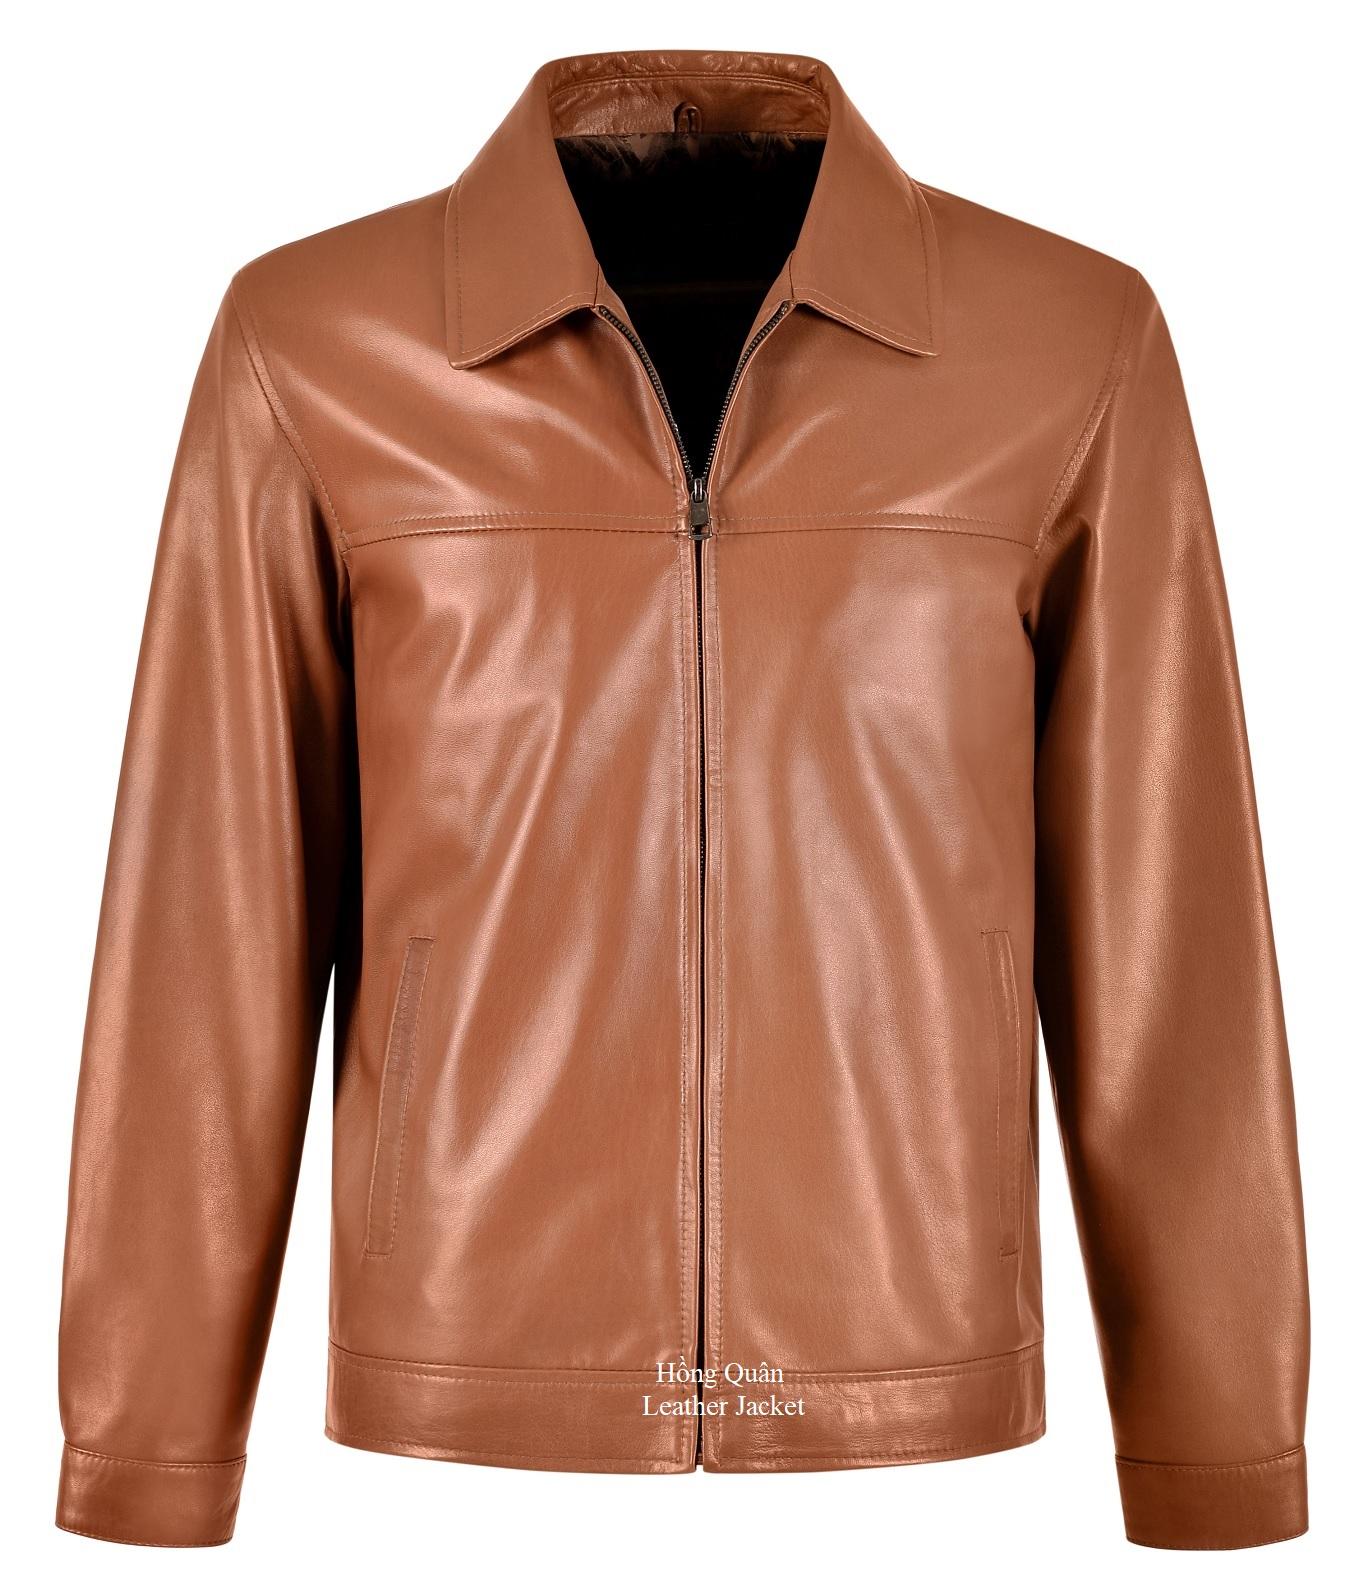 Tiêu chí đánh giá áo khoác da thật nam đẹp thời trang - Không lỗi mốt